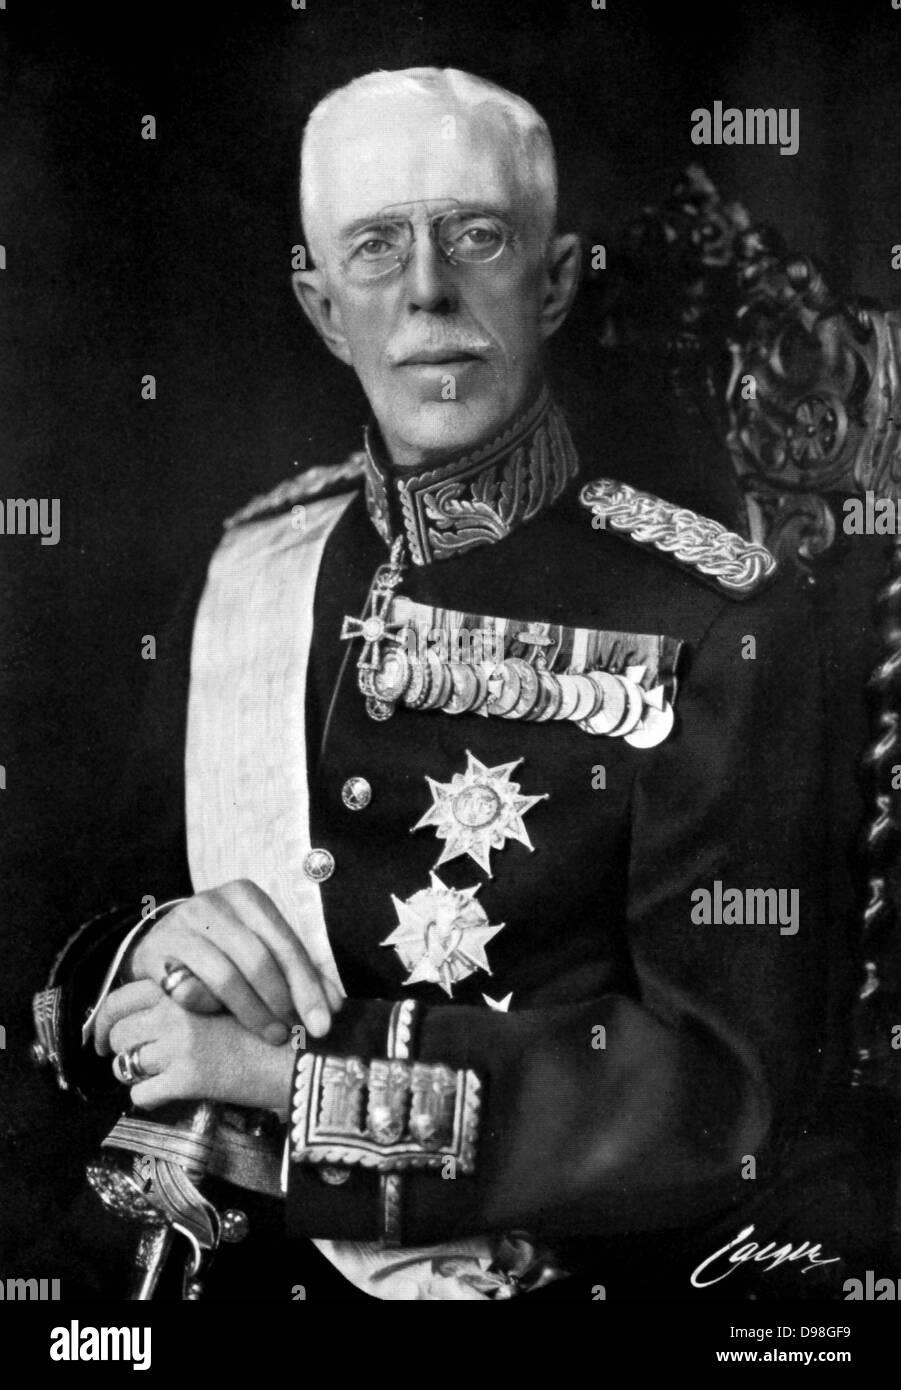 Gustaf V 1858 - 1950) King of Sweden from 1907. - Stock Image